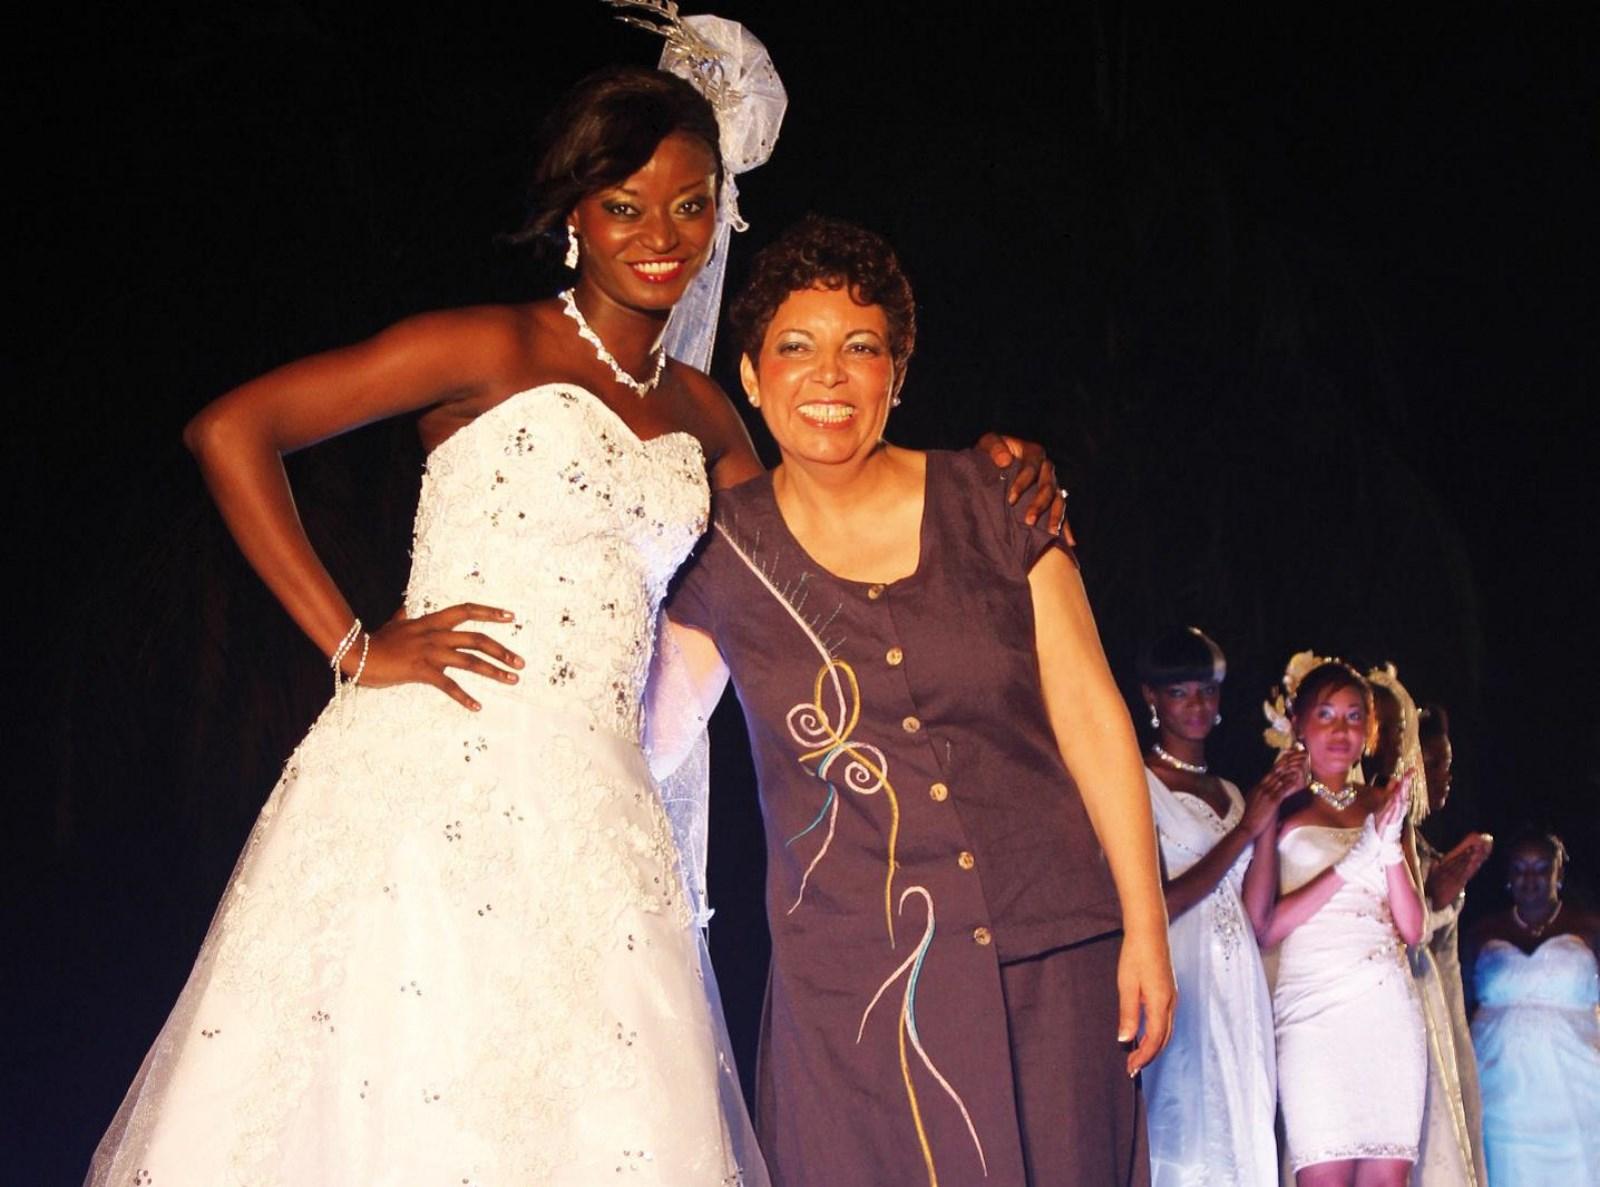 Une styliste et son égérie dans une magnifique robe de mariée. Life Mag